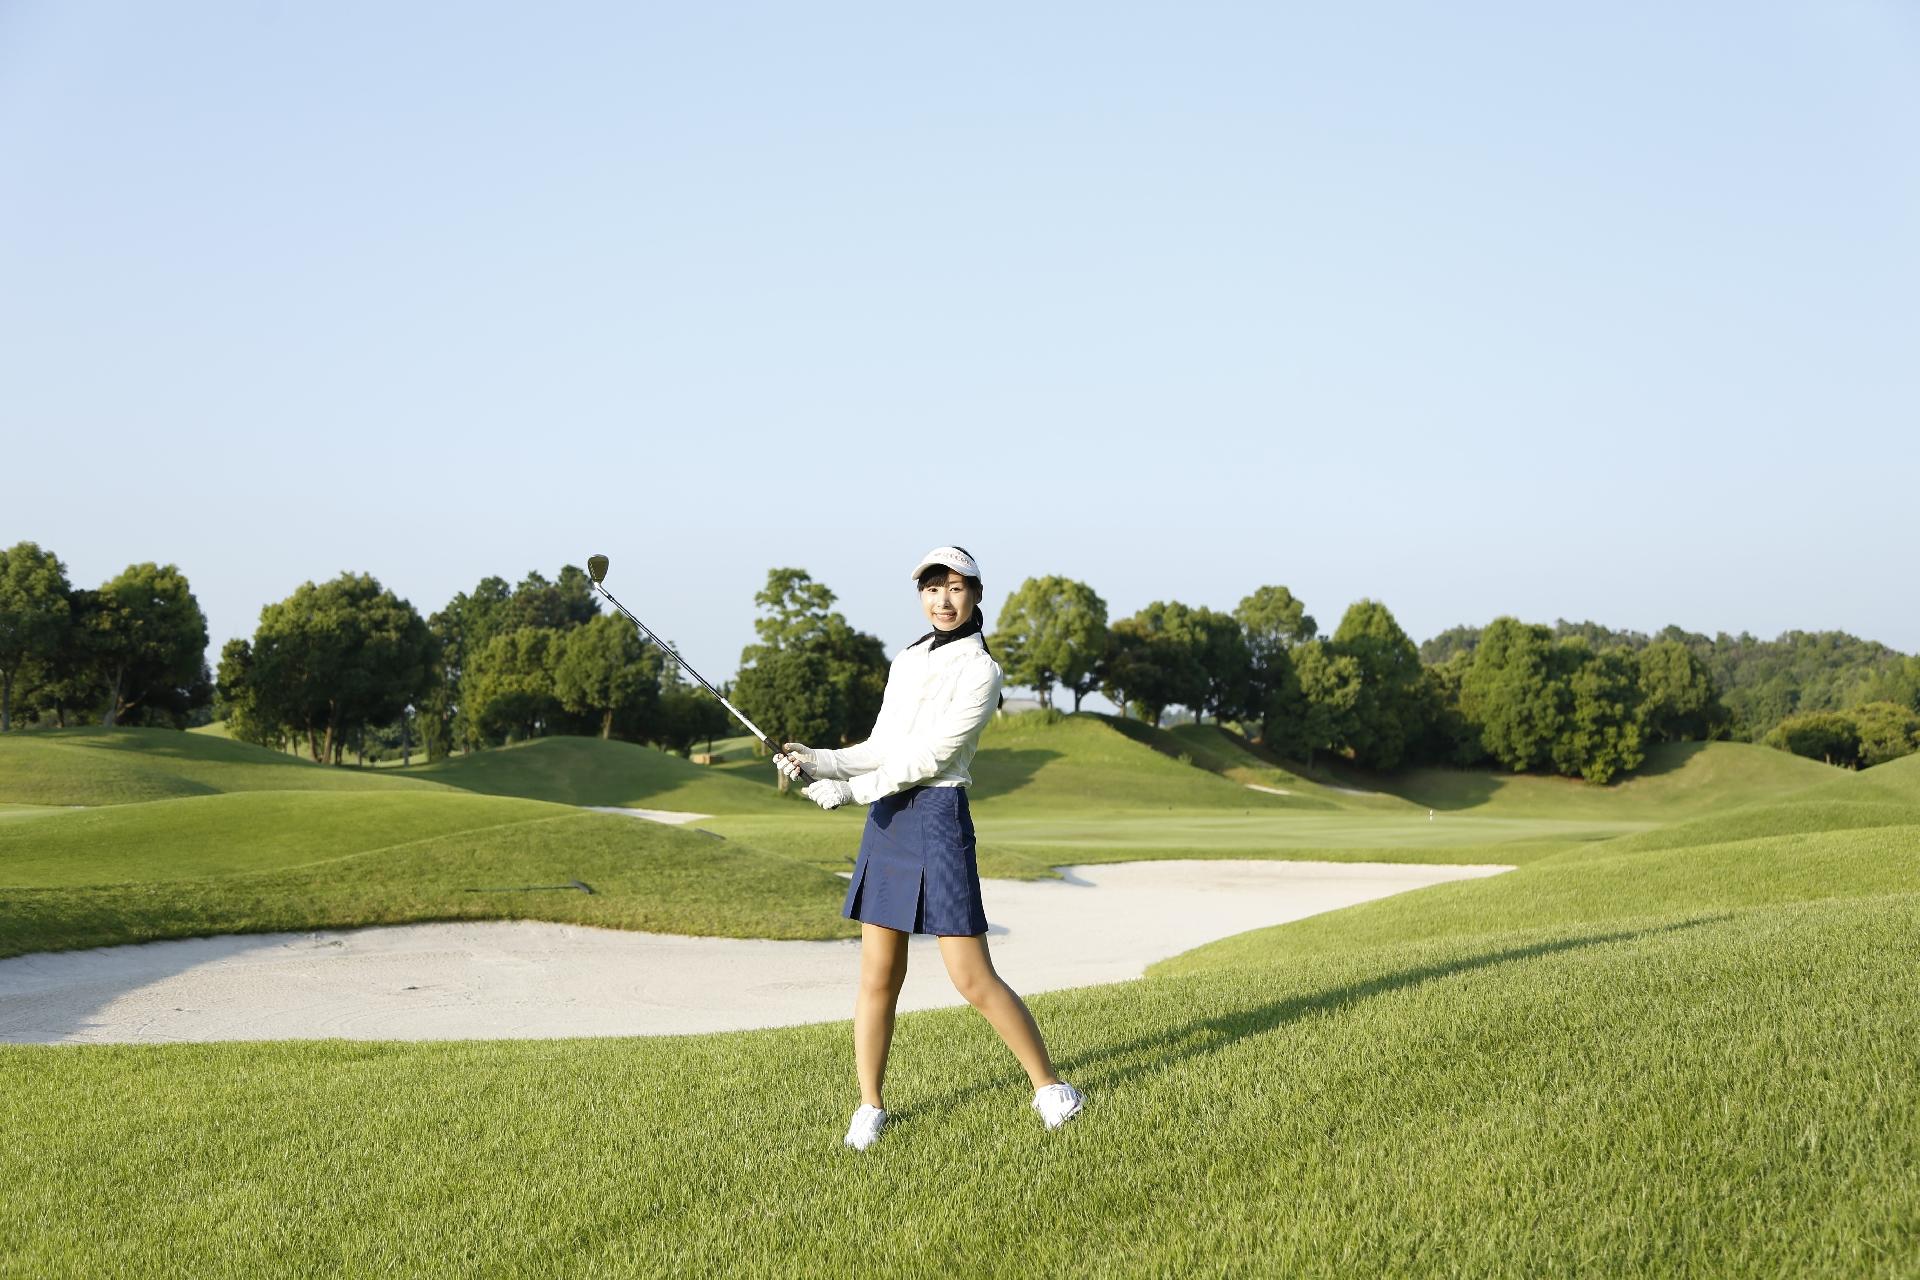 女子 ゴルフ 可愛い